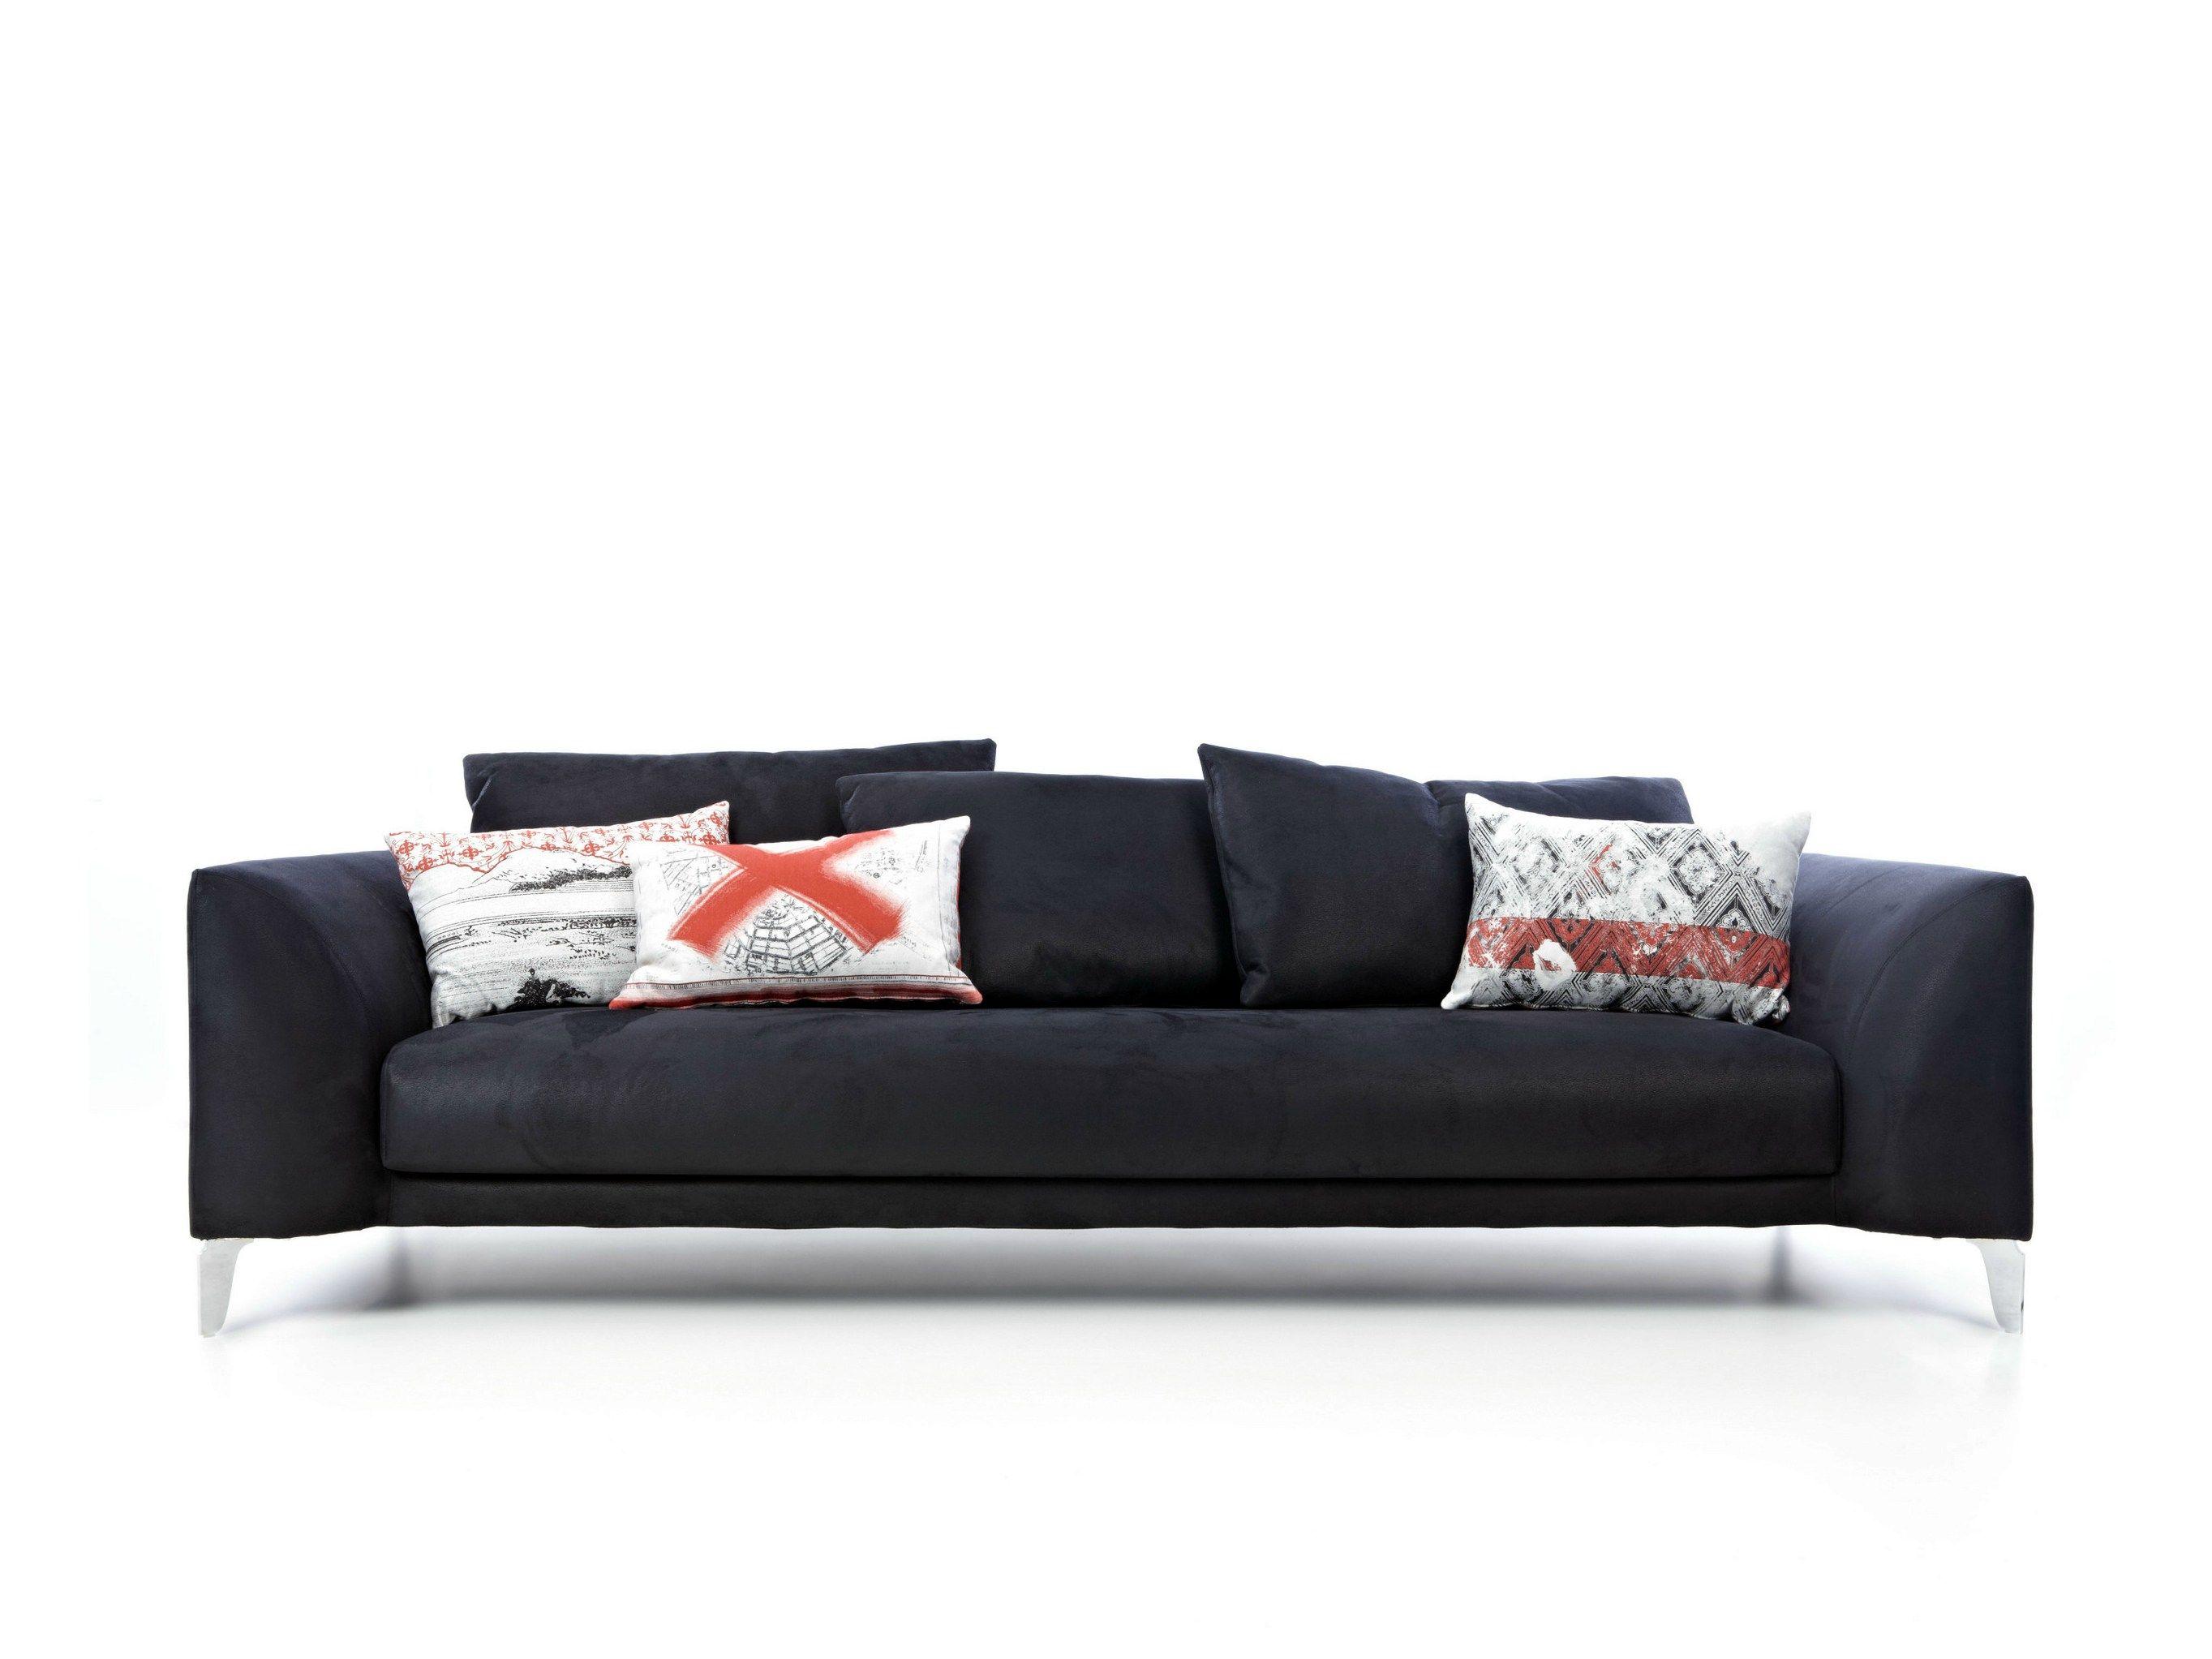 Divano sfoderabile a 4 posti canvas sofa by moooi design for Divano sfoderabile